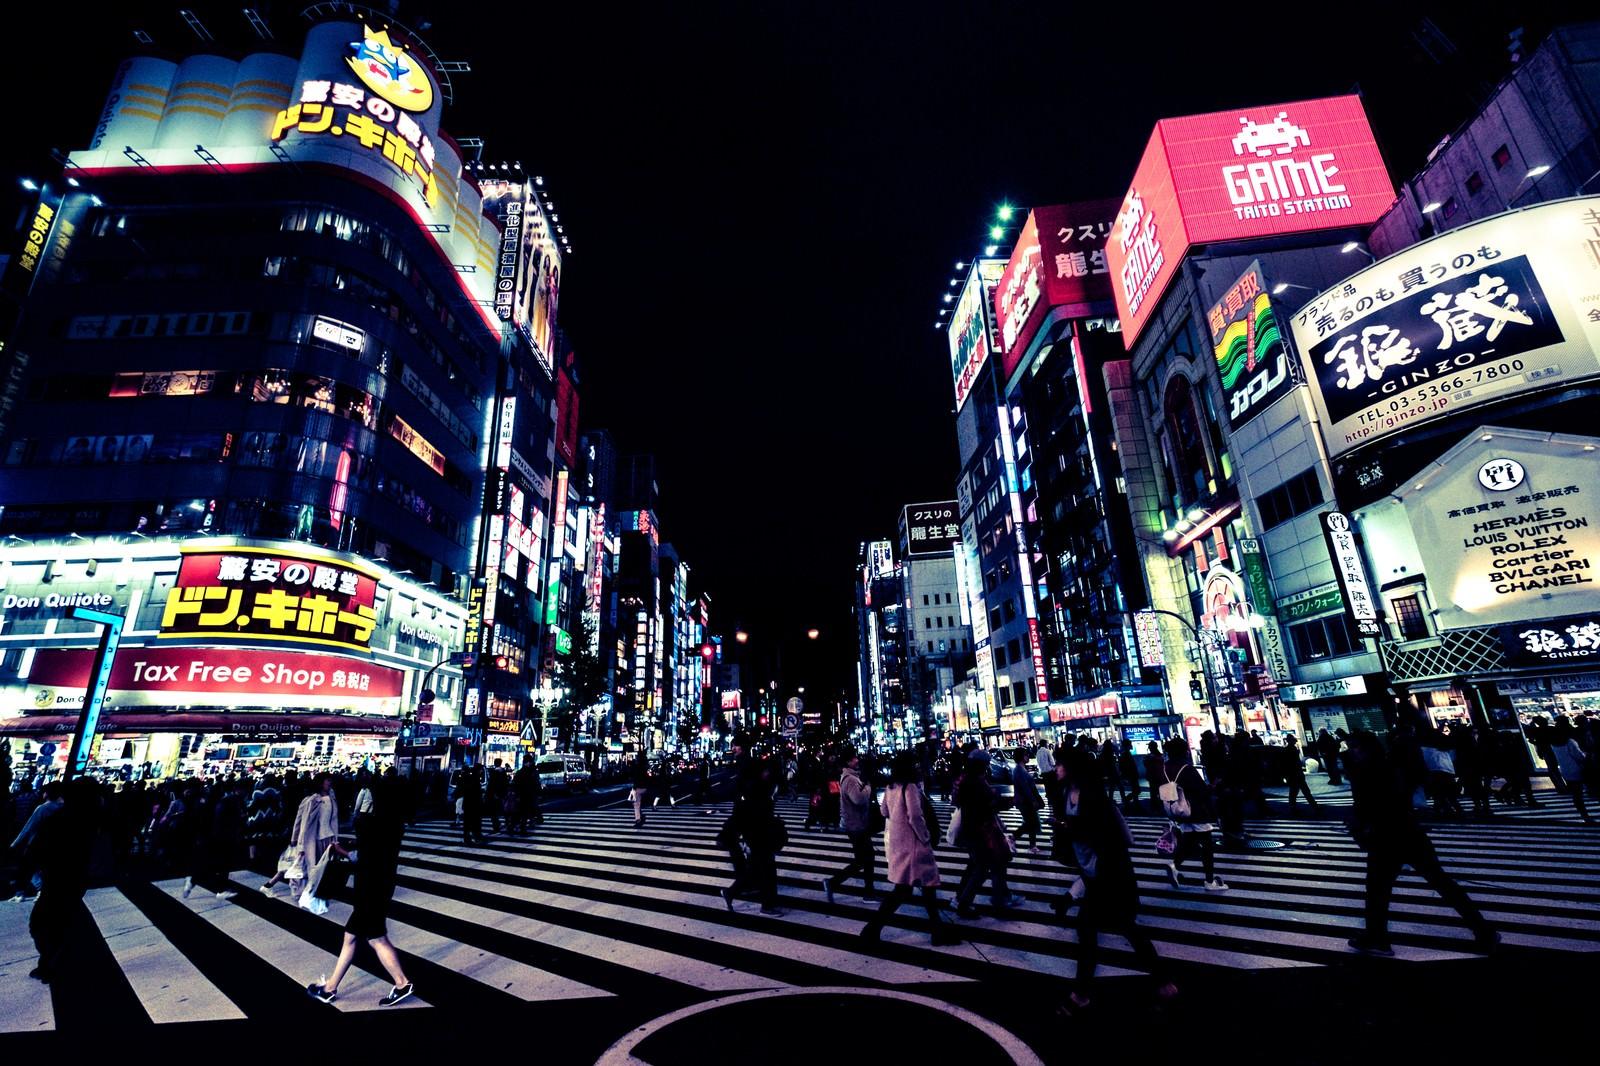 「歌舞伎町交差点と往来する人(夜間)」の写真